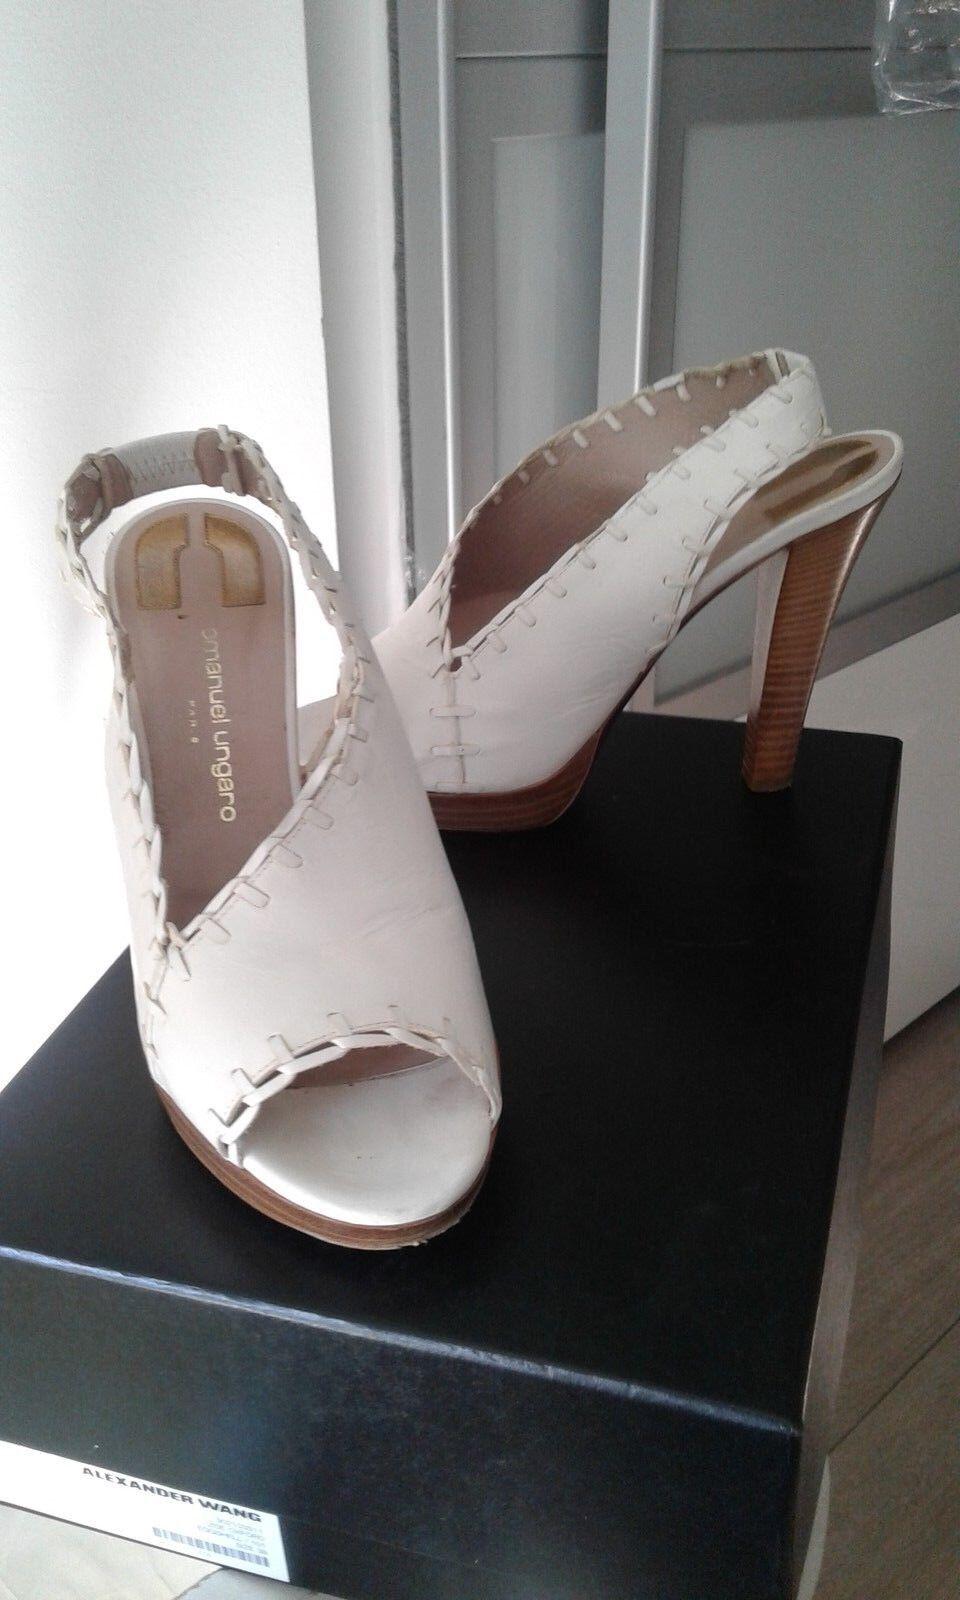 Damen Leder Schuhe UNGARO  Gr 39 EMANUEL UNGARO Schuhe Weiß orig Preis ca  neuwertig da1657